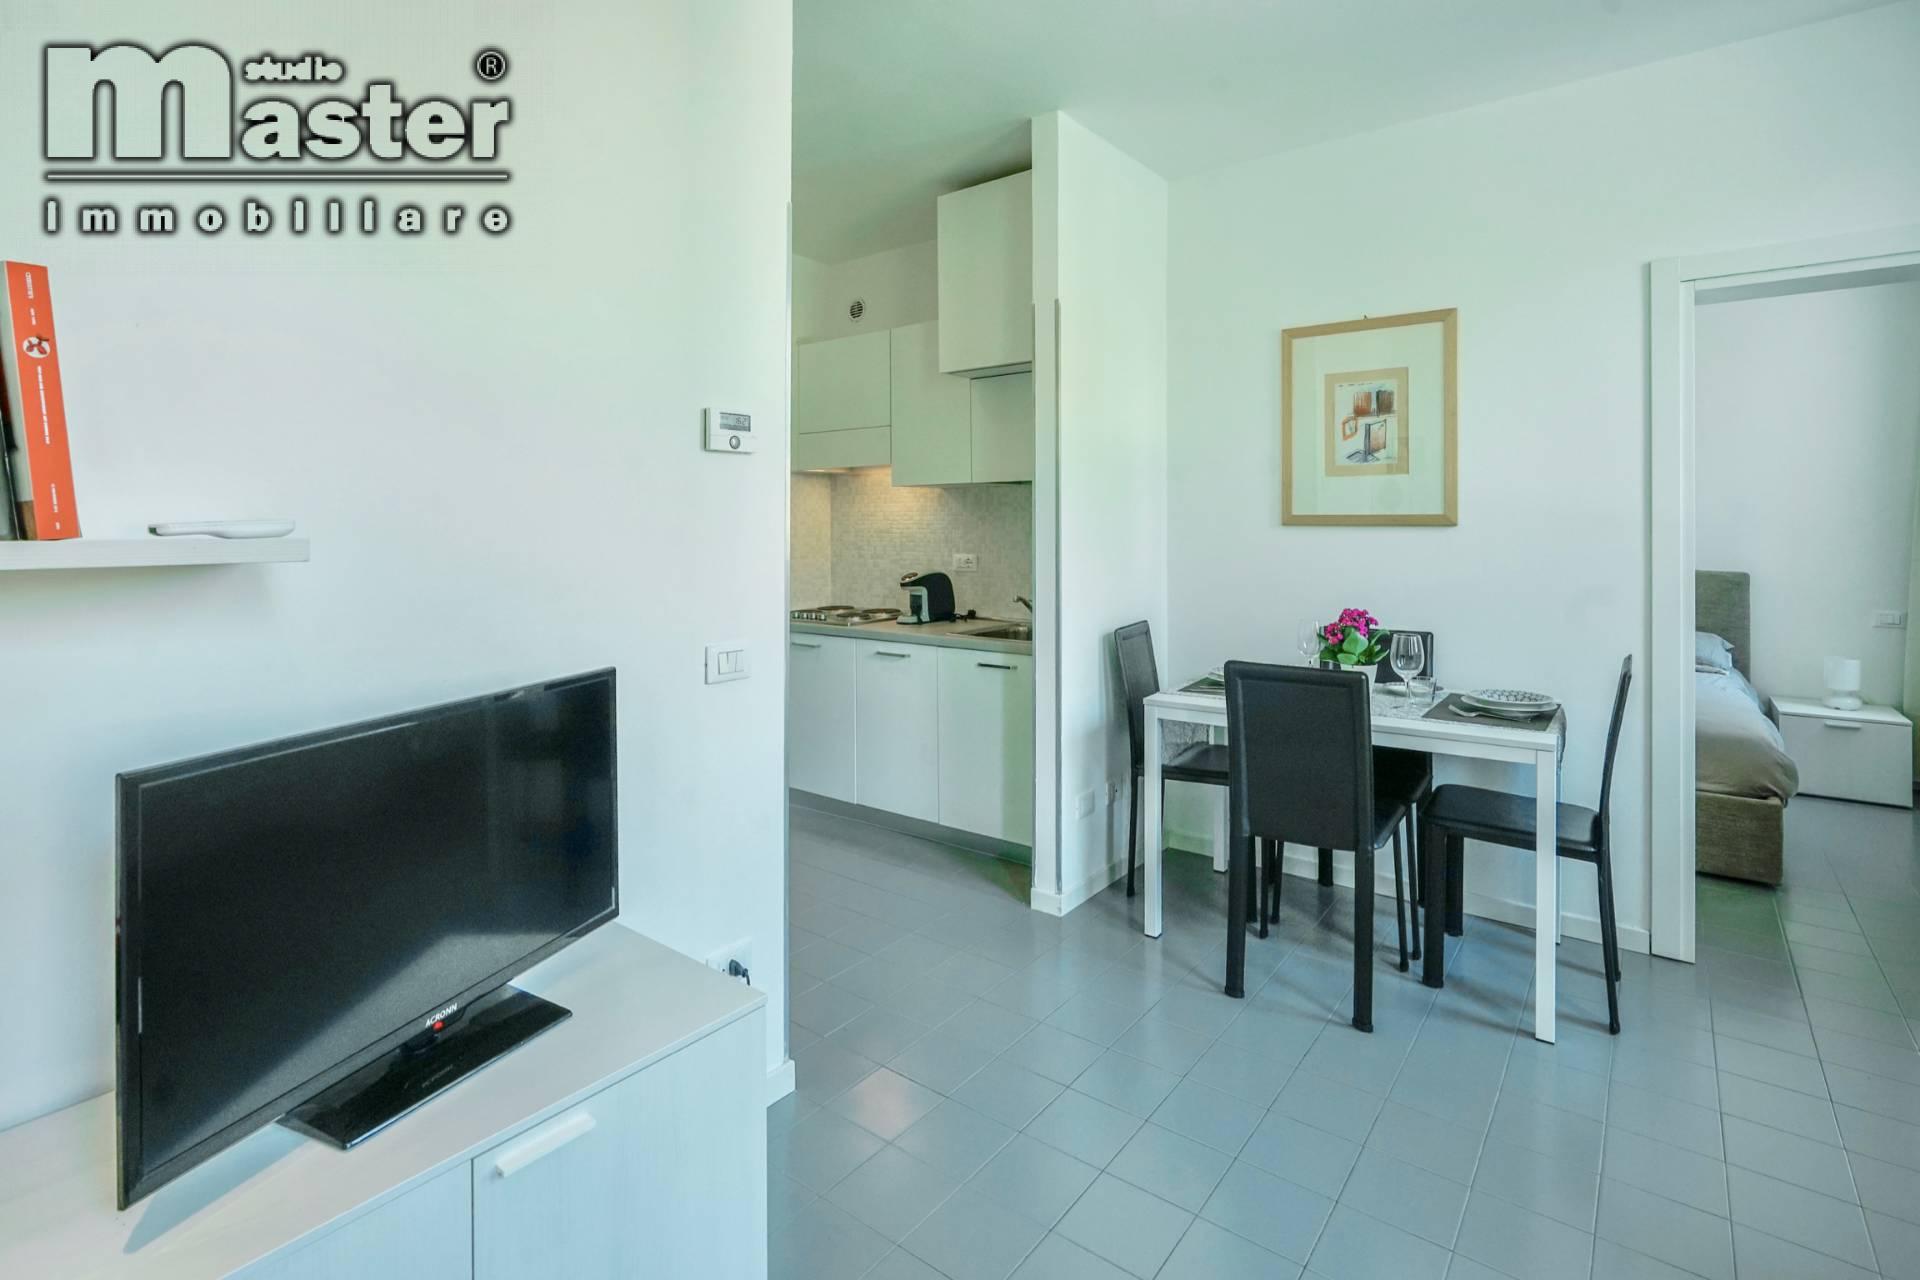 Appartamento in affitto a Villorba, 2 locali, zona Località: S.Sisto, prezzo € 950 | CambioCasa.it